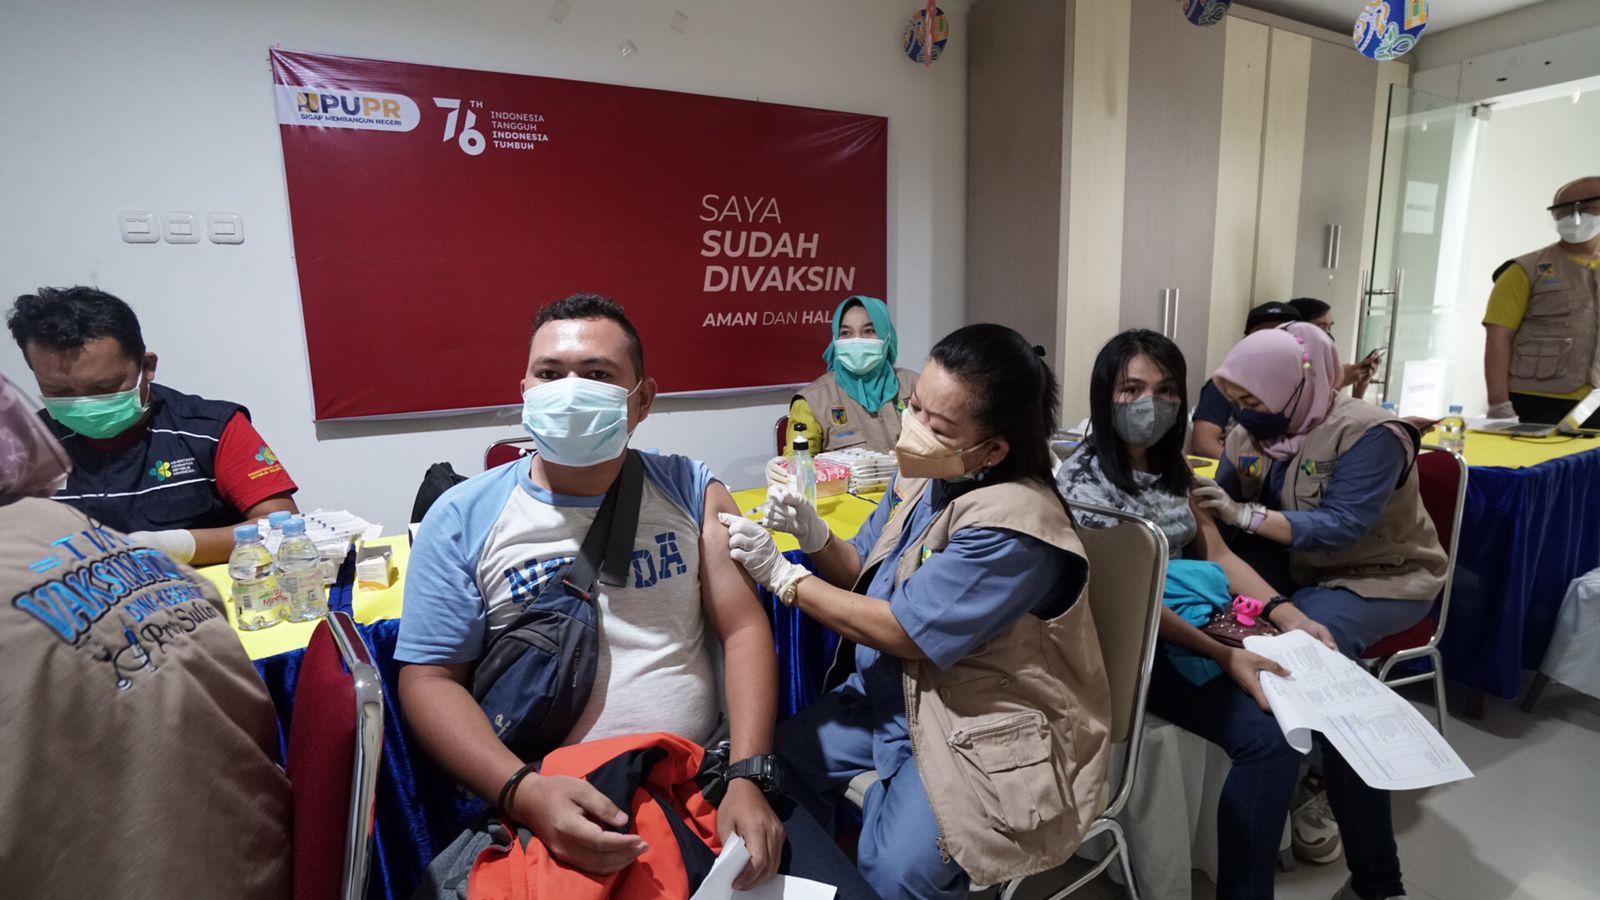 vaksinasi-covid19-dosis-ii--pegawai-dan-keluarga-upt-kementerian-pupr-di-sulawesi-tengah